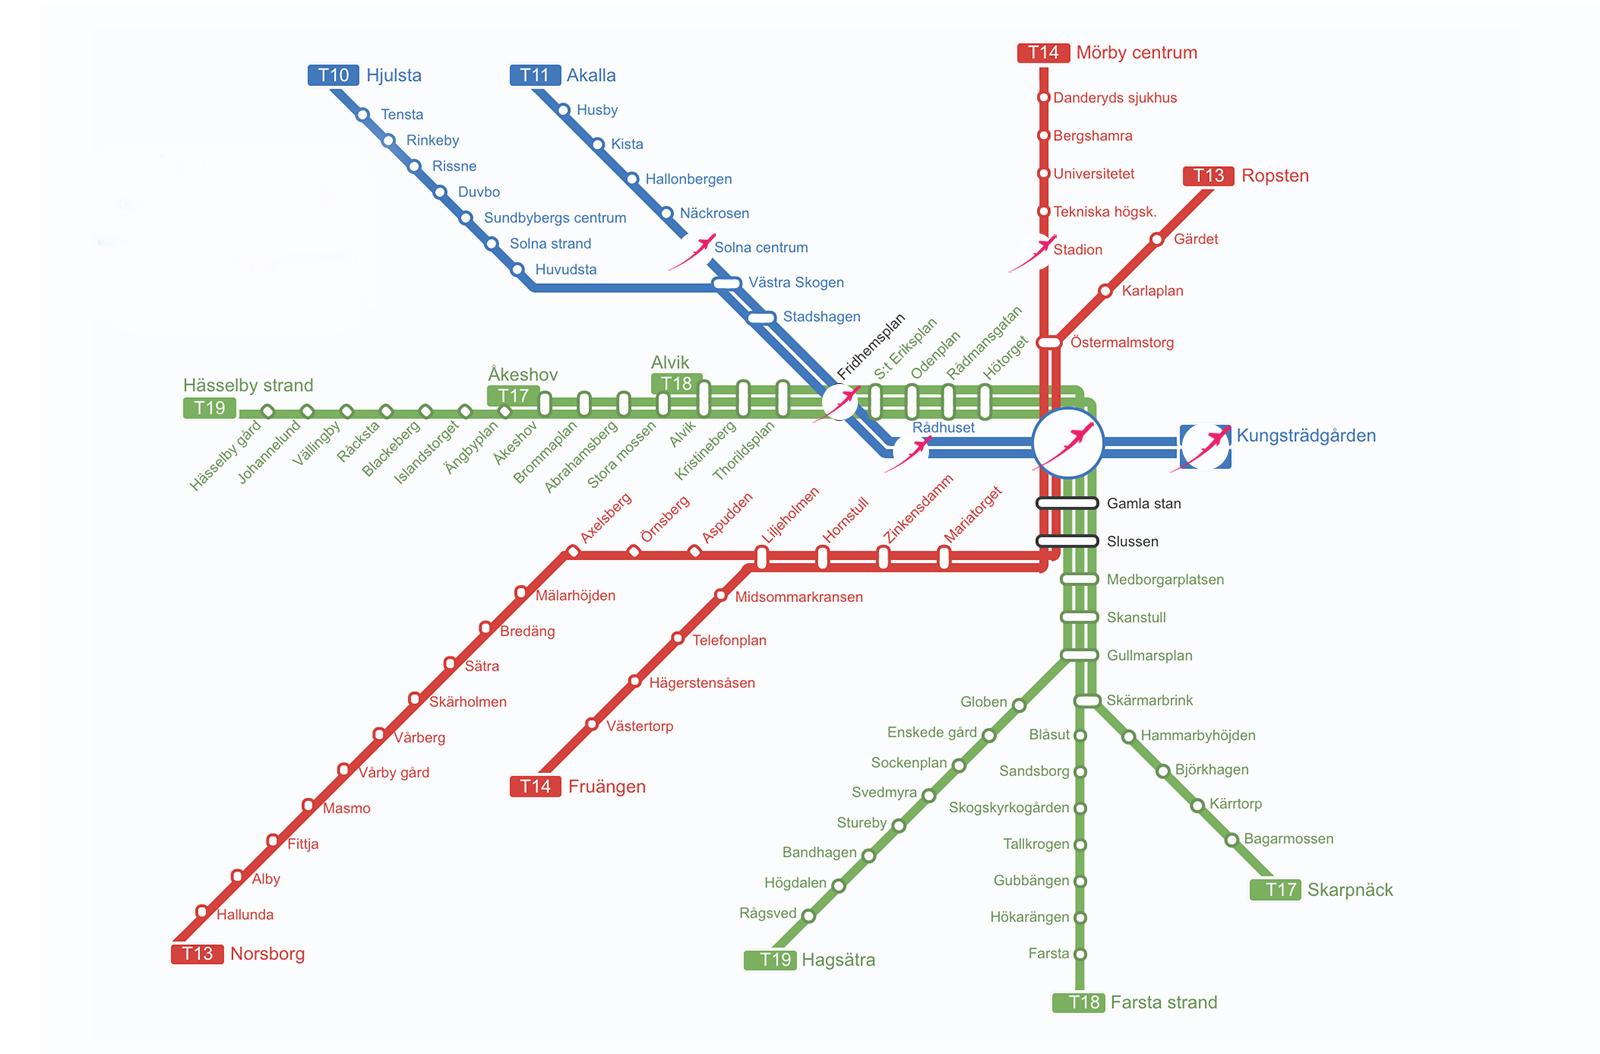 Арт-тур по метро Стокгольма: самые красивые станции